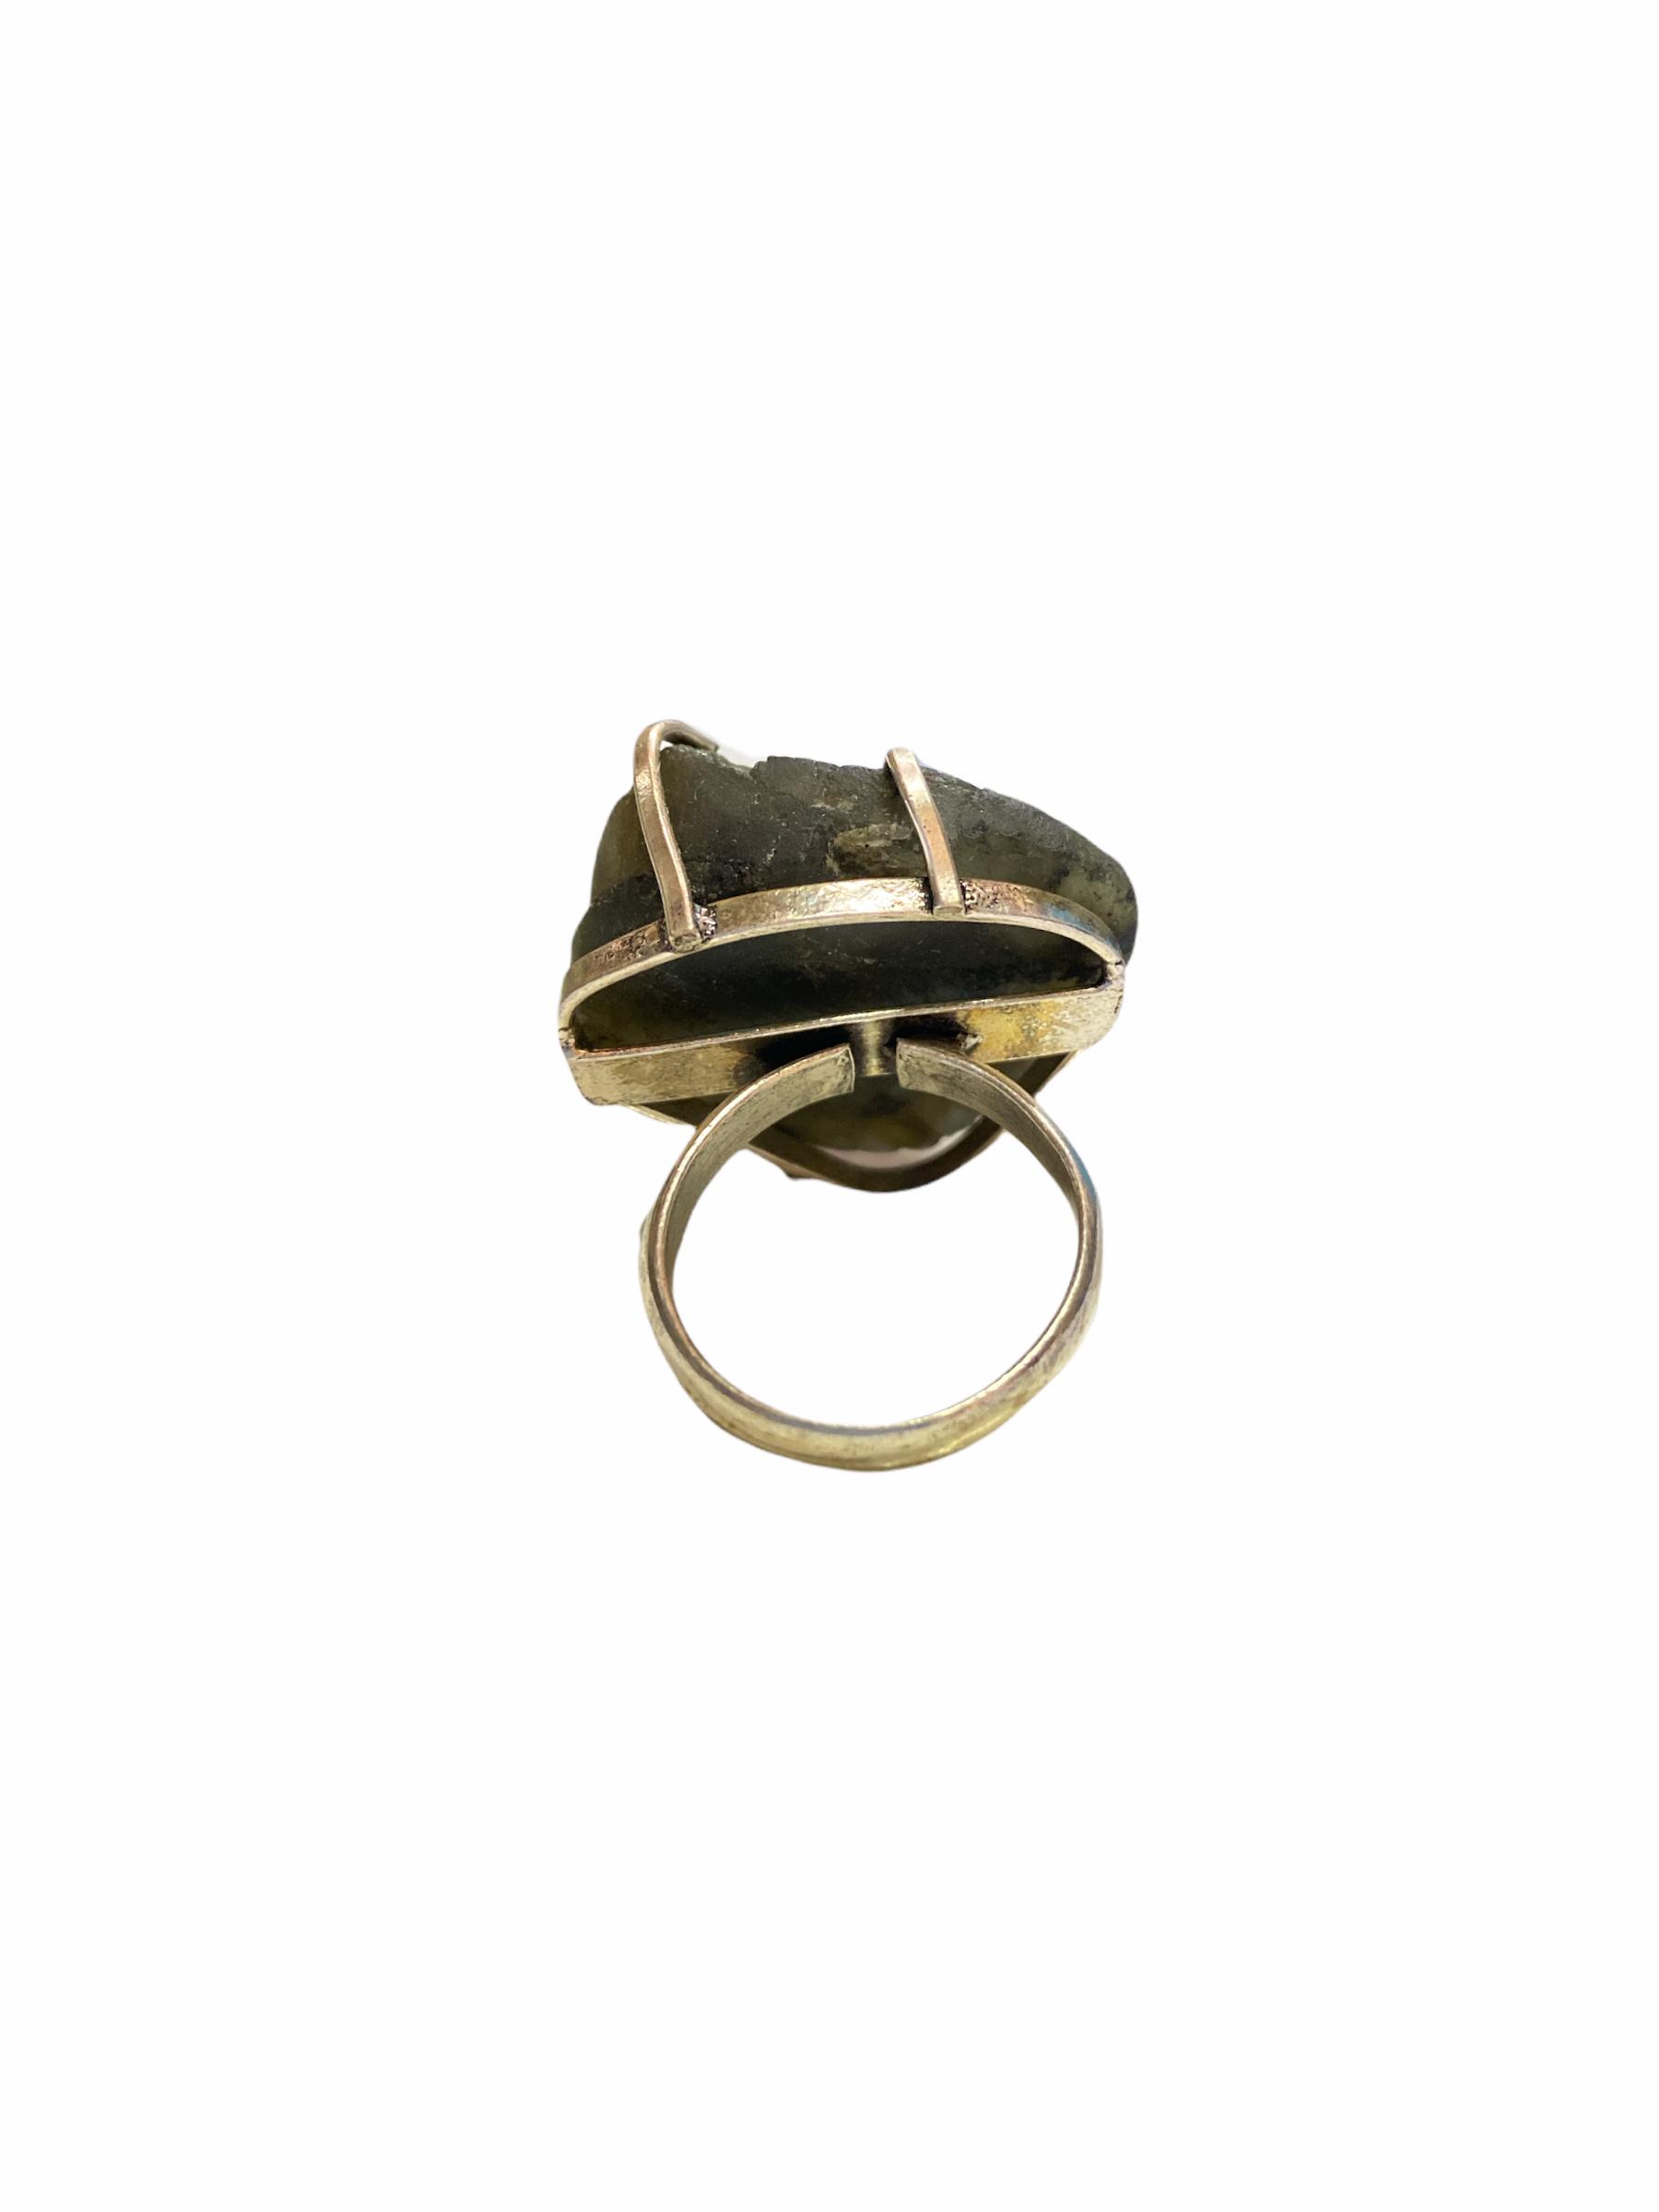 Δαχτυλίδι Χειροποίητο Ακατέργαστο Με Λαμπραδορίτη Ασημί